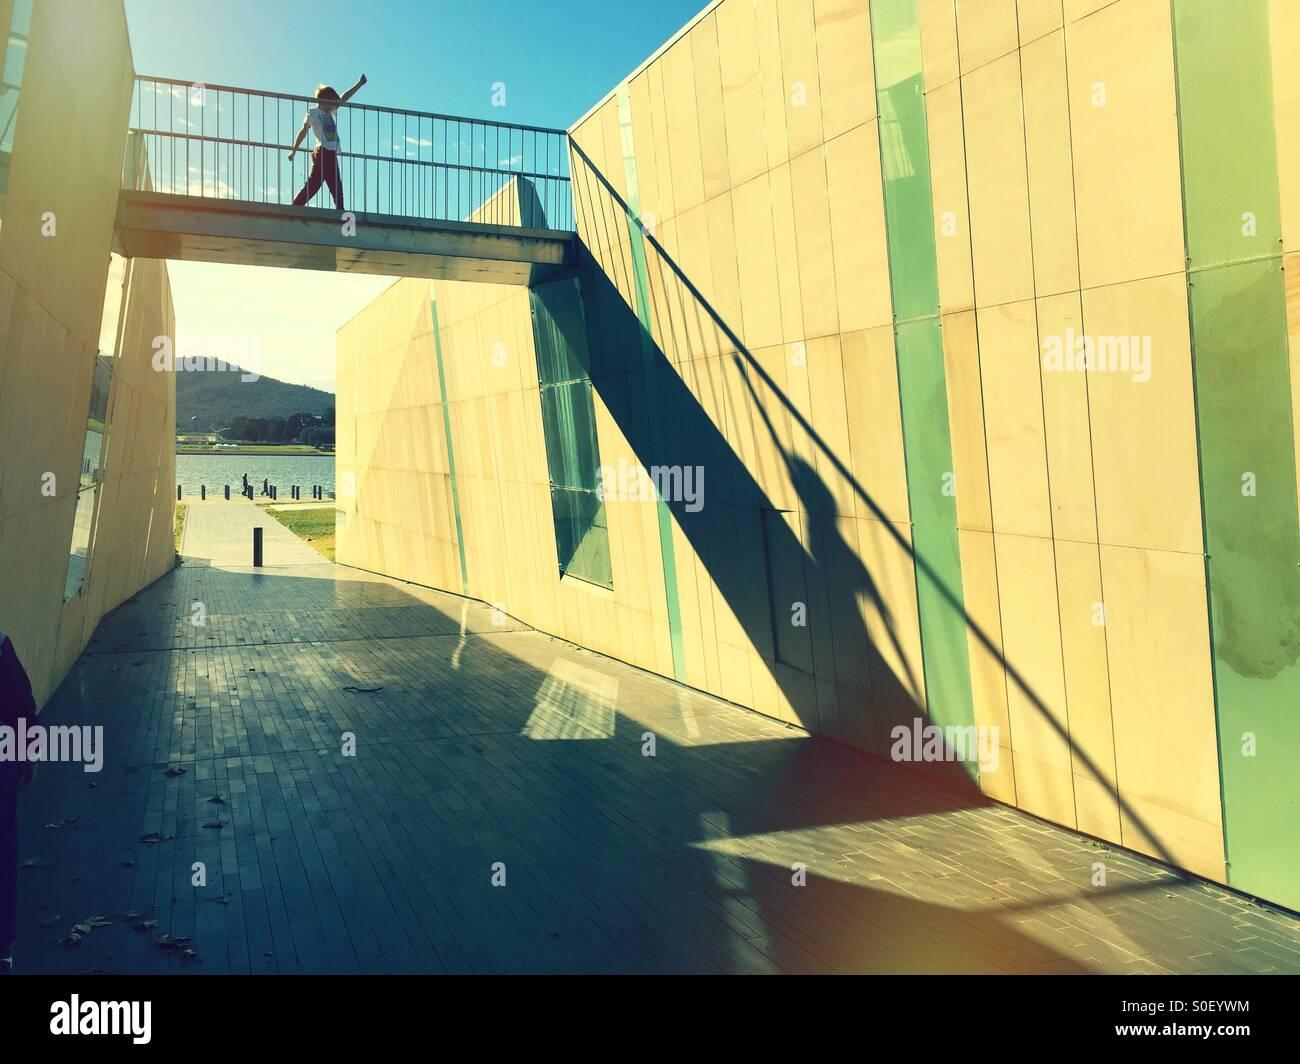 Un chico perseguía cruzando un puente sobre un paso subterráneoFoto de stock